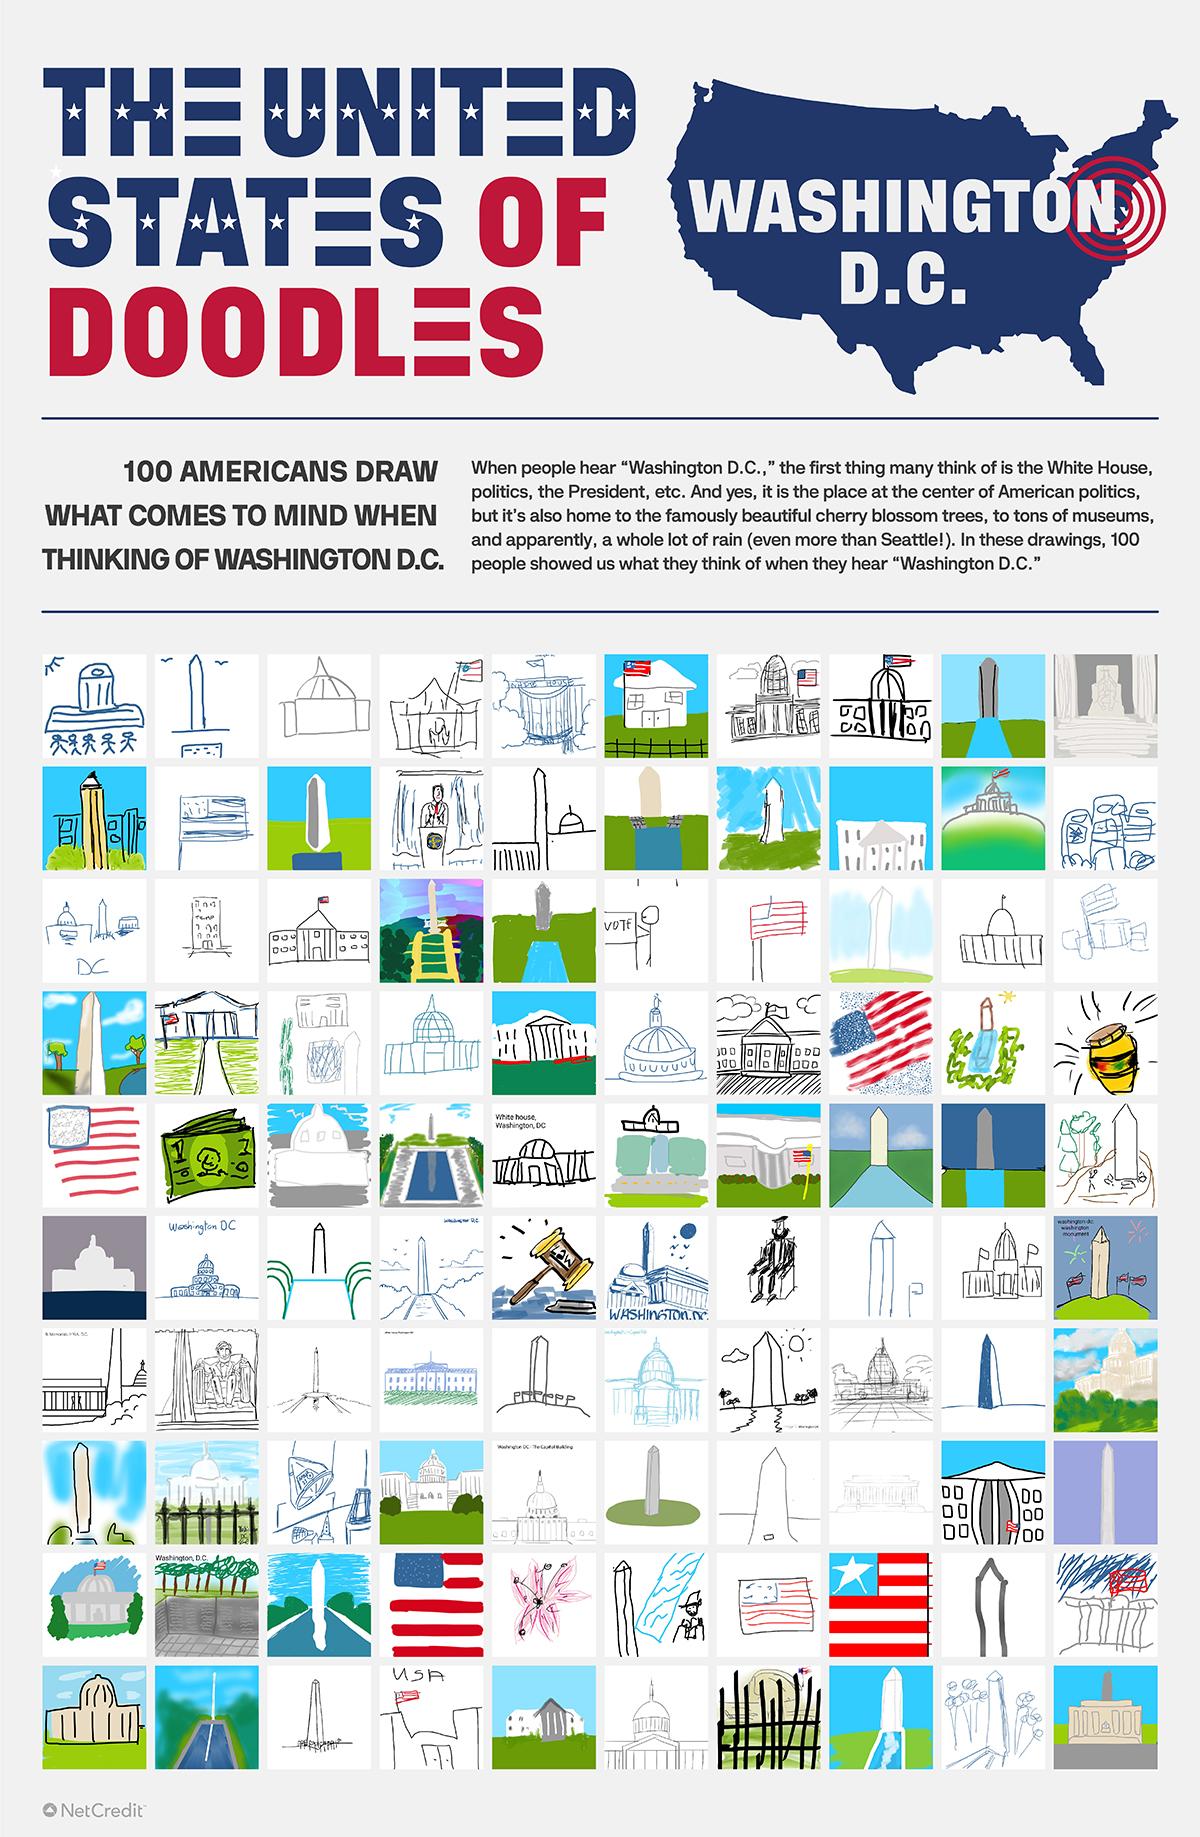 United States of Doodles Washington D.C.